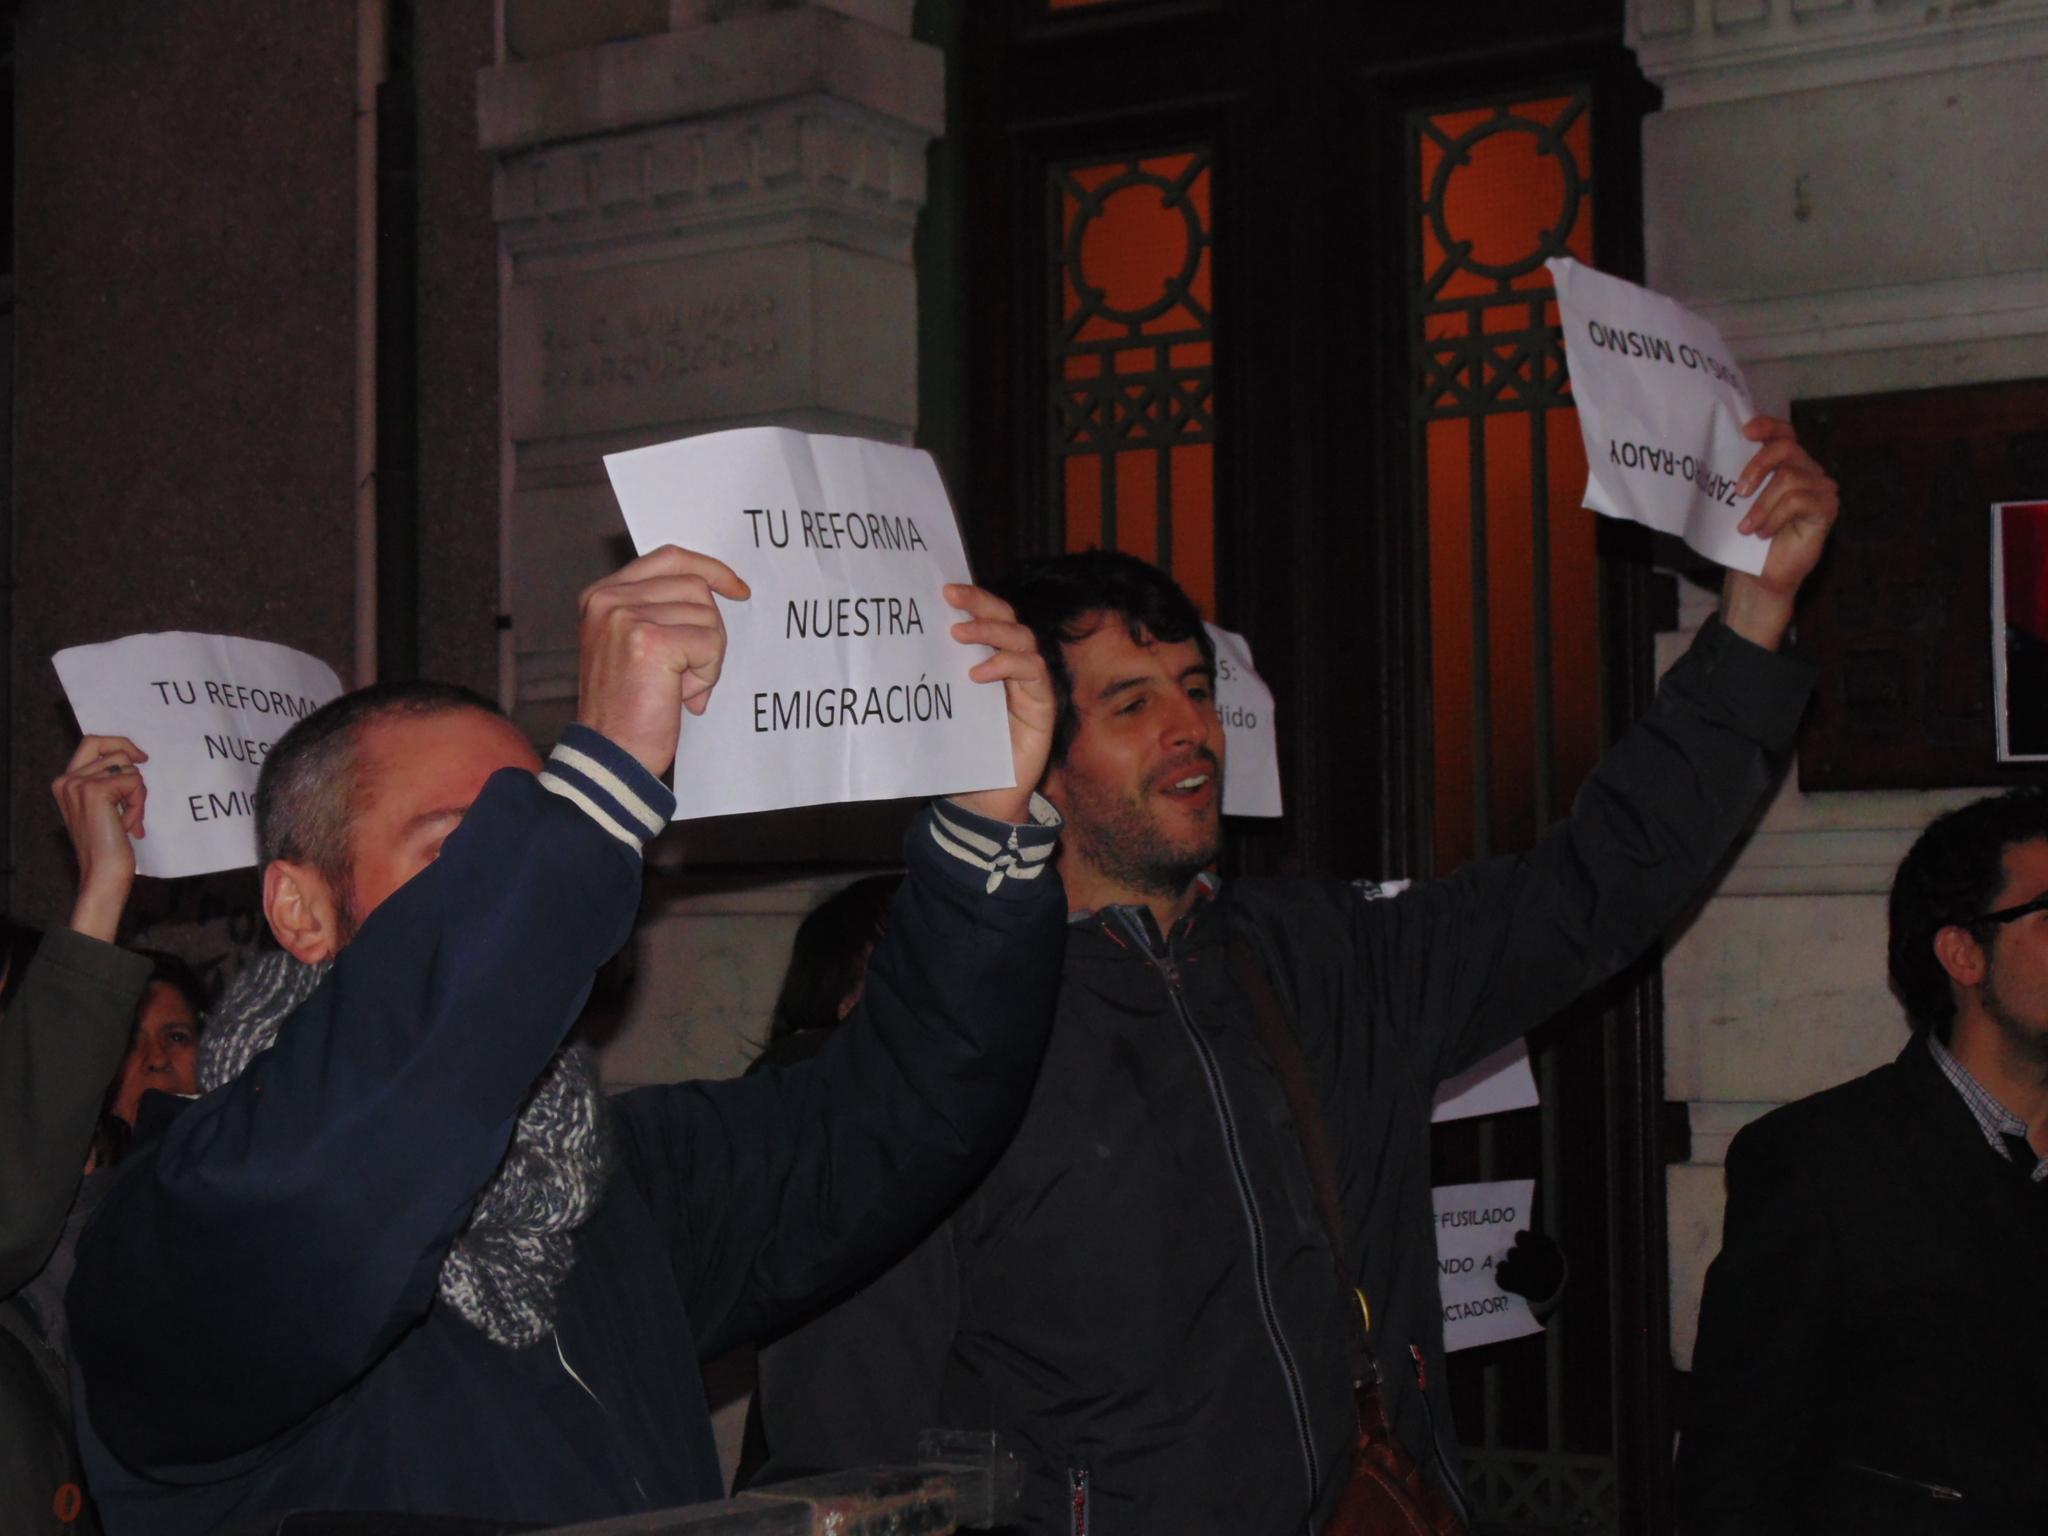 Jóvenes españoles protestan al paso de Zapatero.